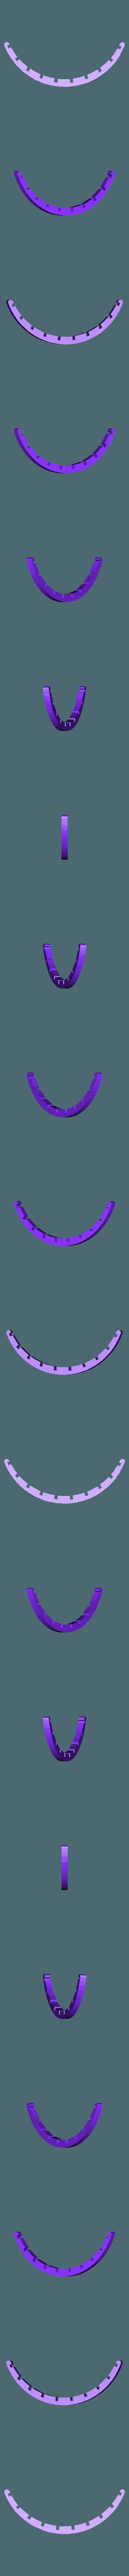 Bowl_4.stl Télécharger fichier STL gratuit Remix de bol de fruits pour l'impression 3D • Plan imprimable en 3D, tylerebowers